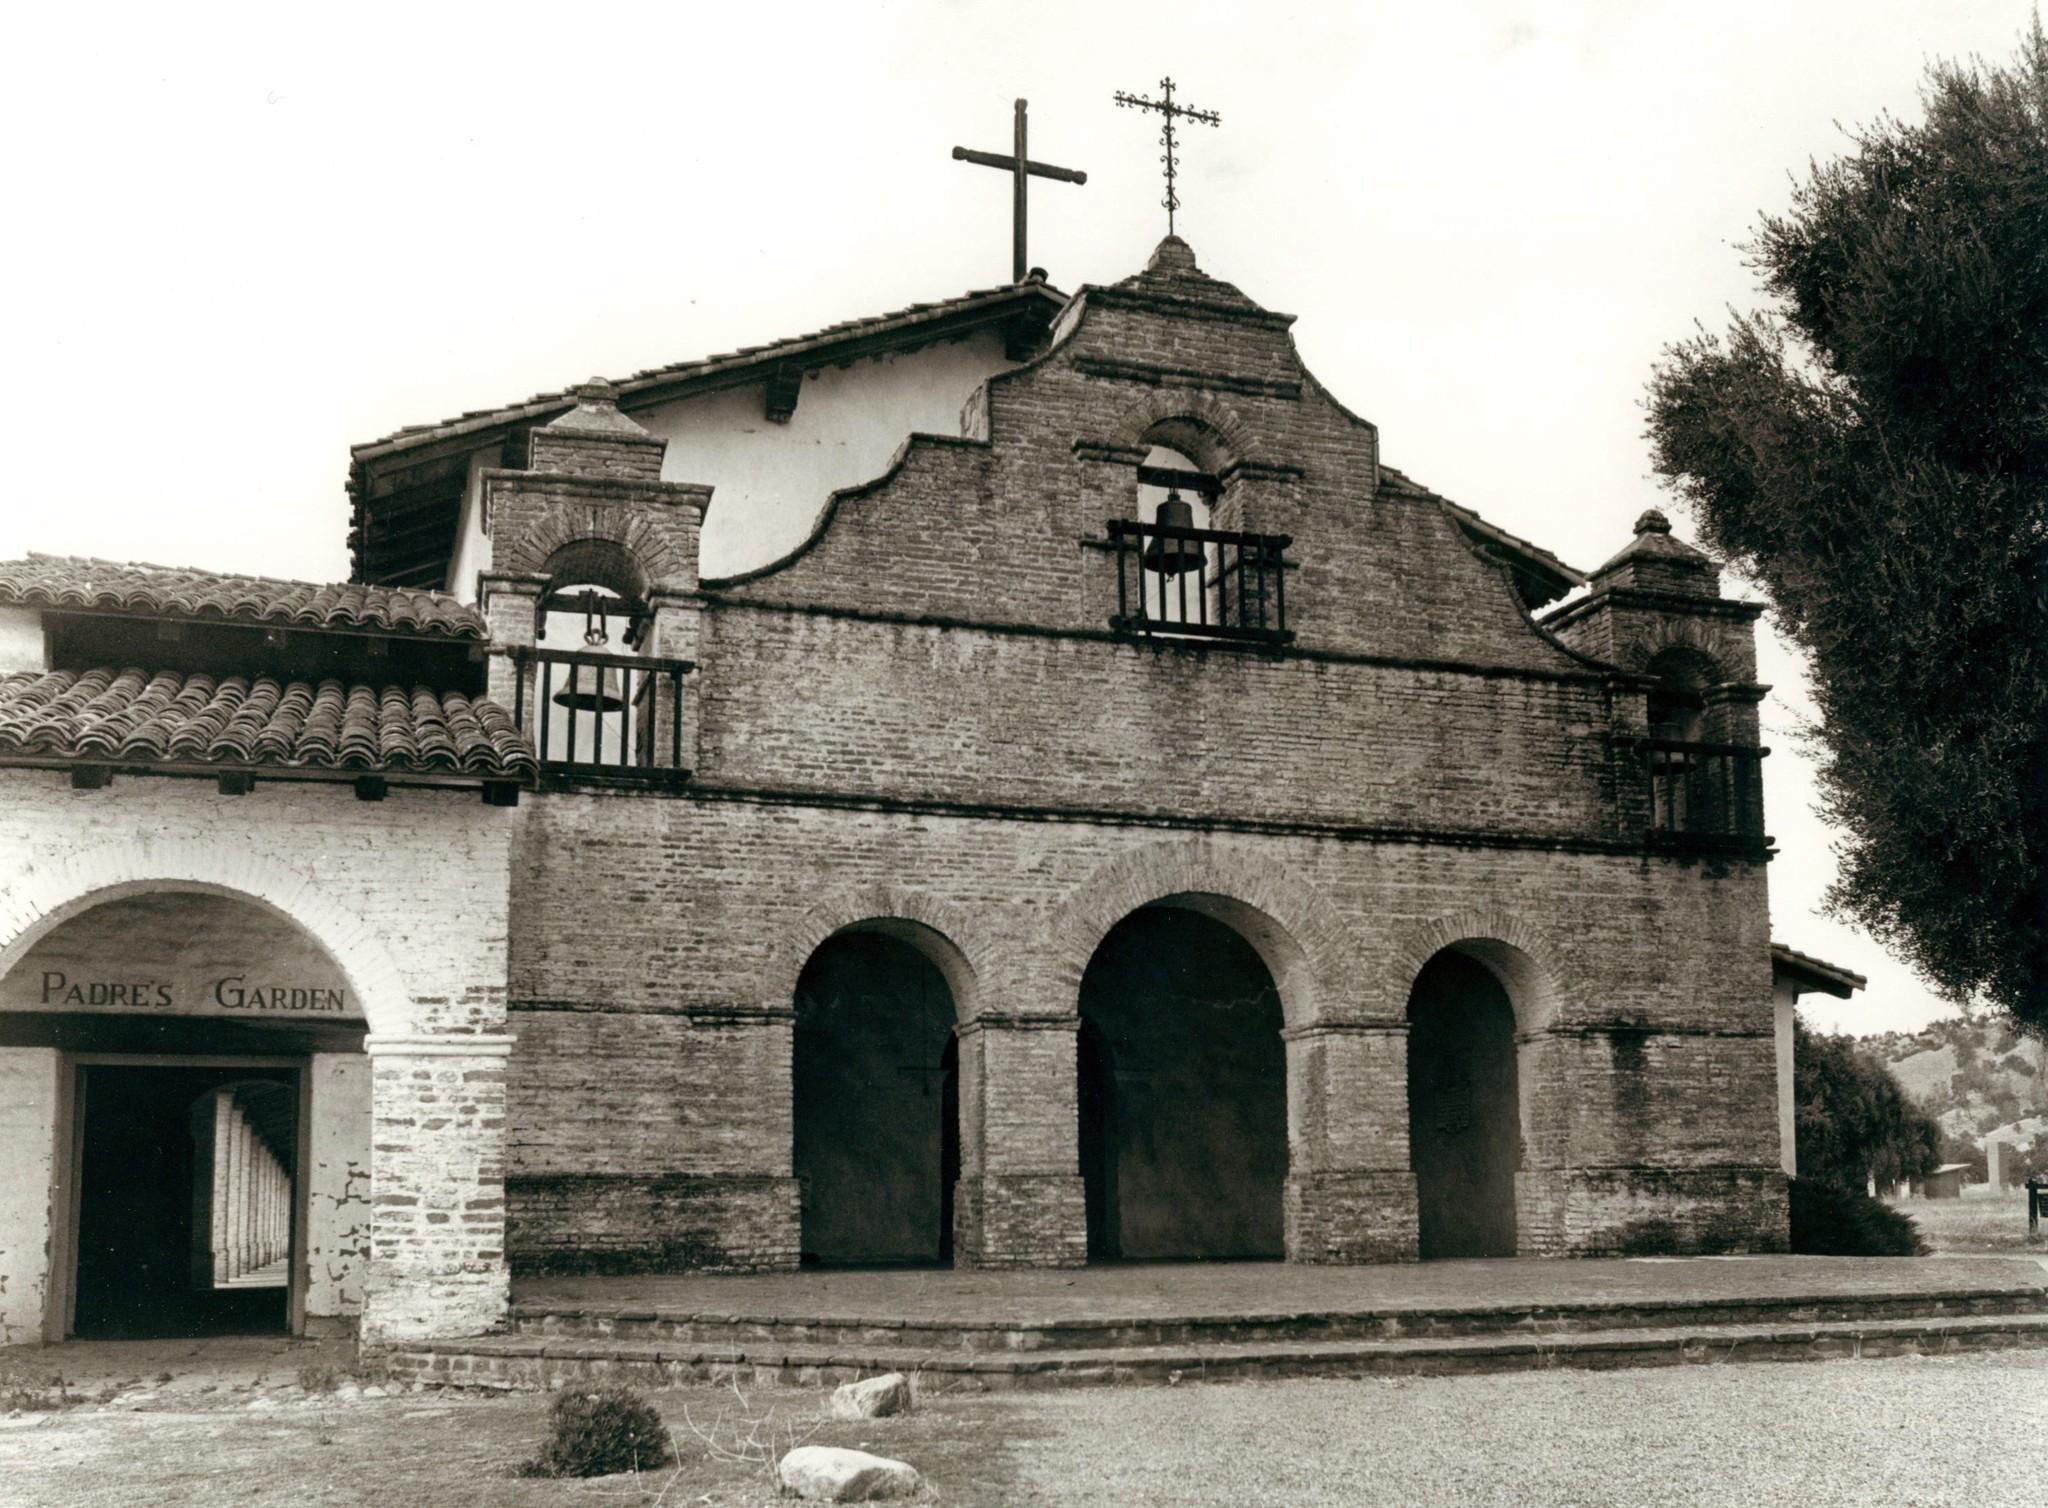 Mission San Antonio de Padua - LA Times